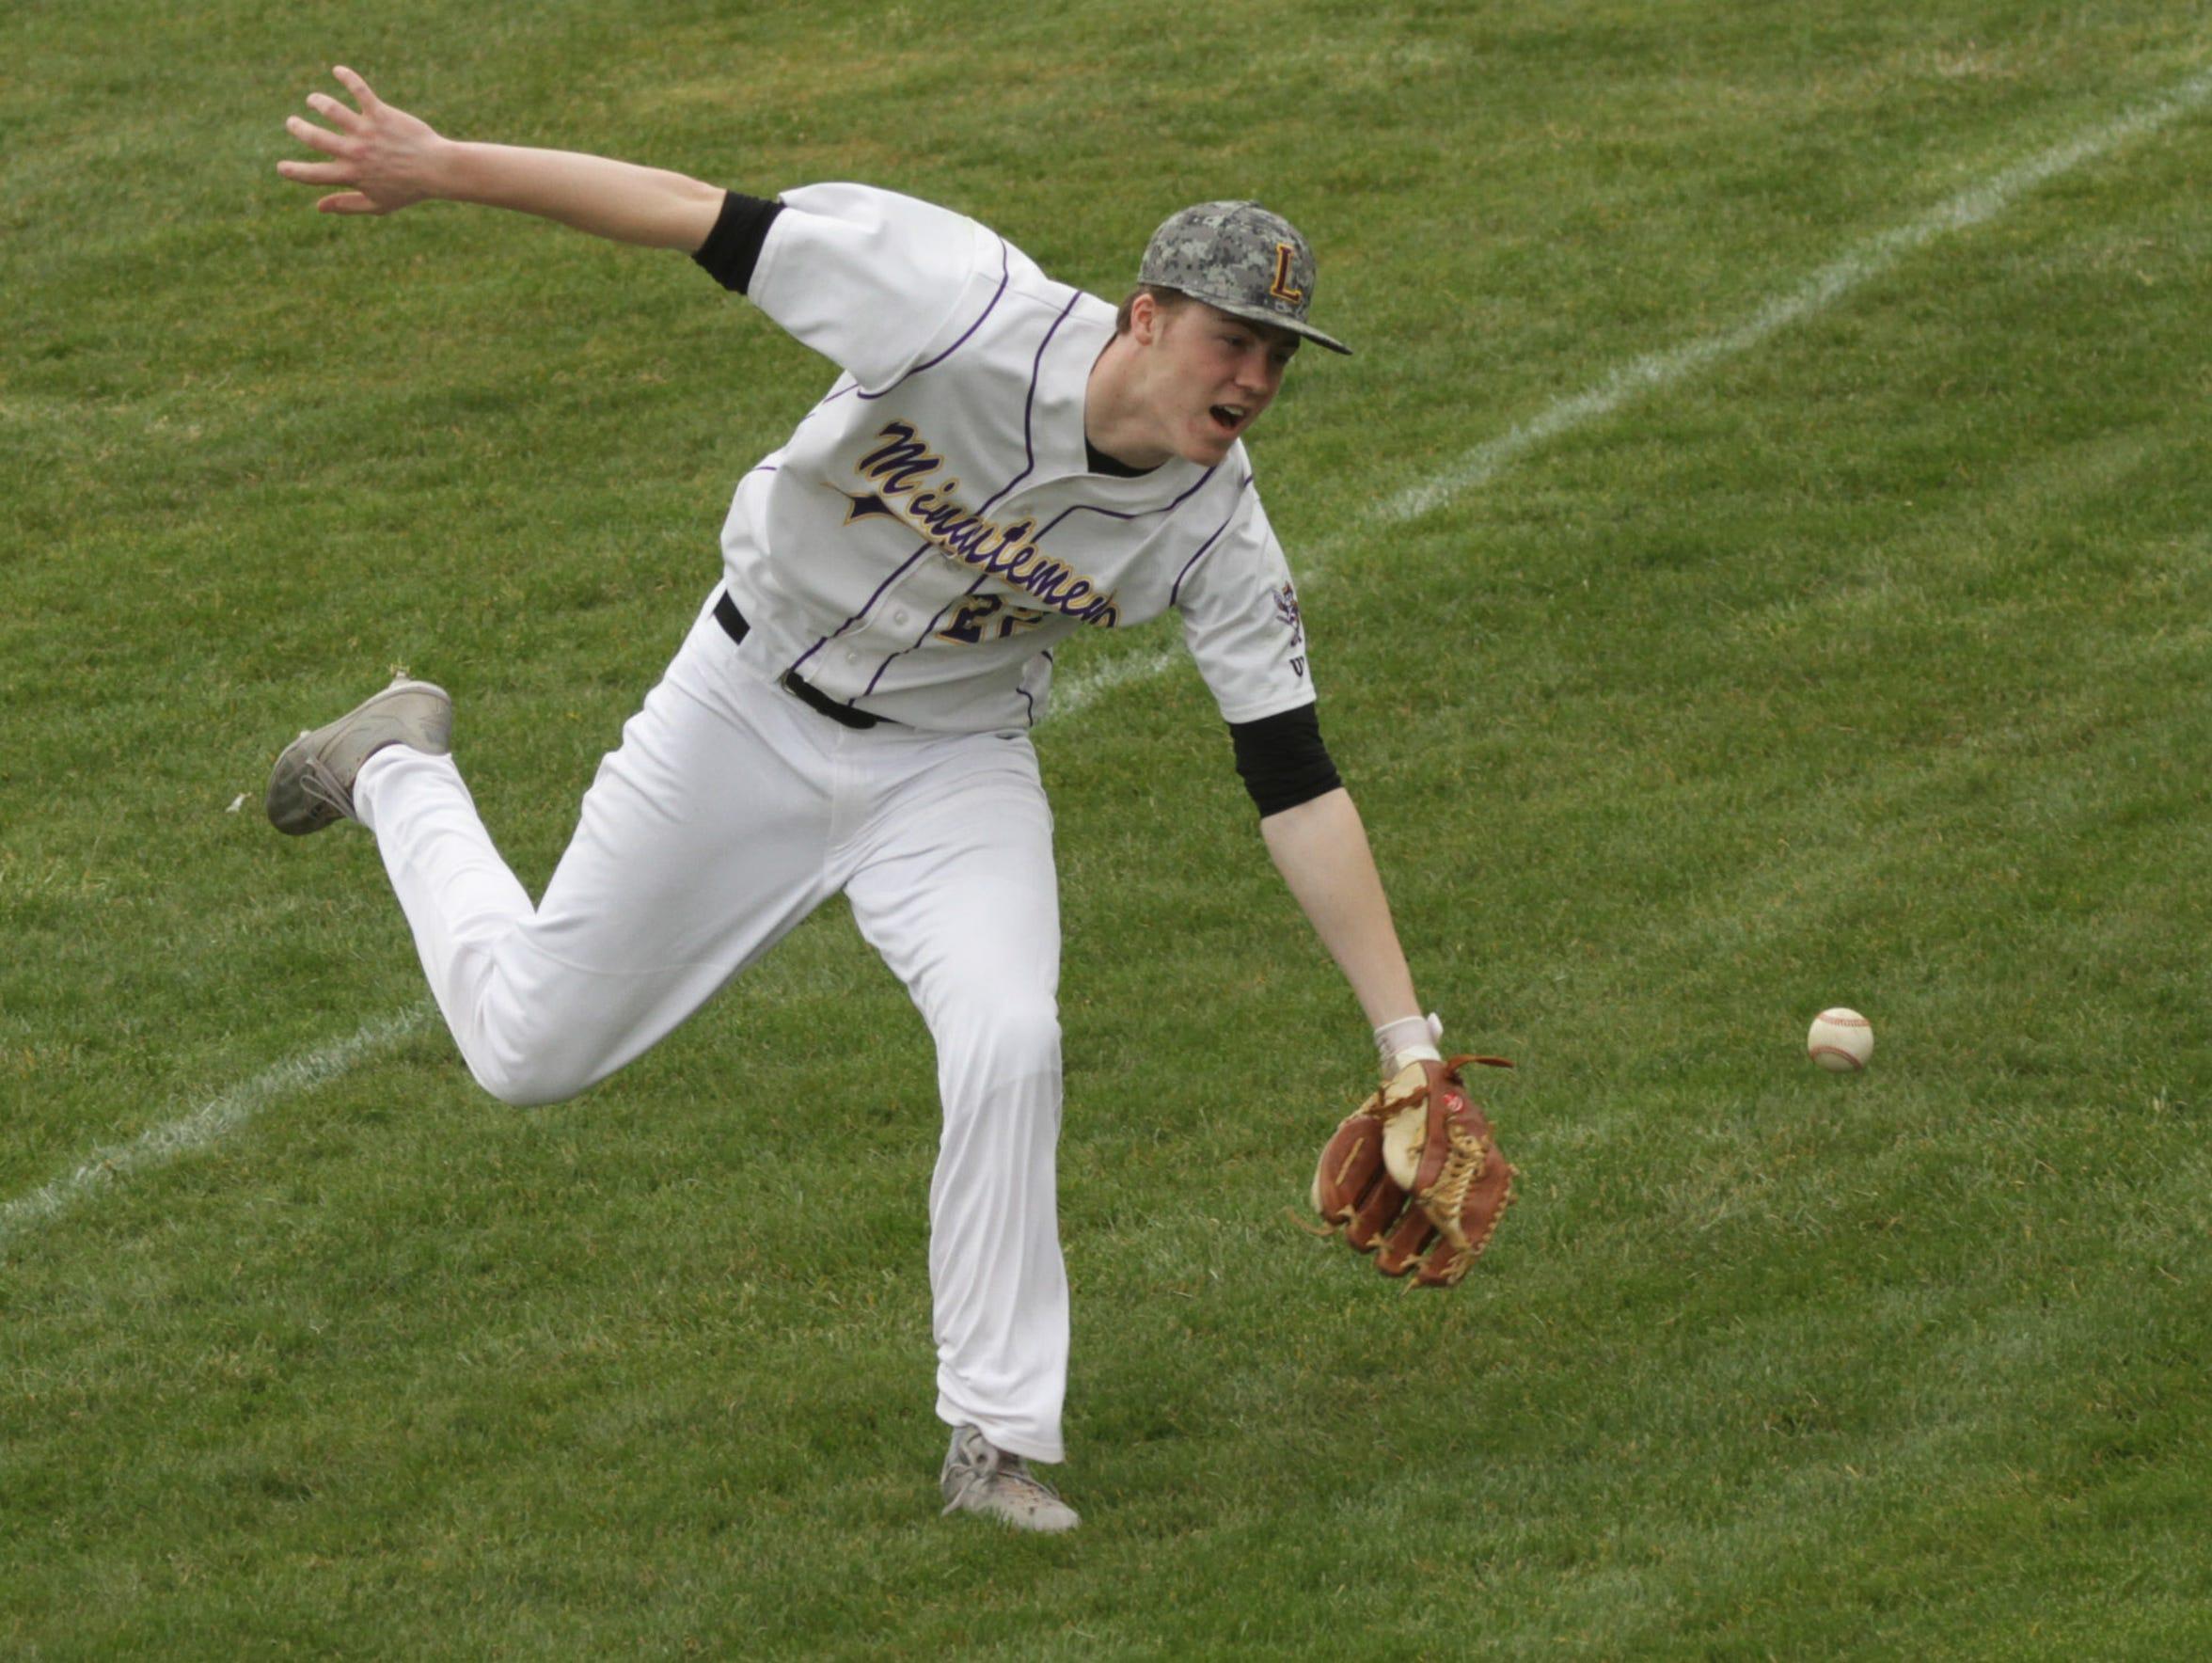 Lexington's Josh Aiello attempts to catch a foul ball